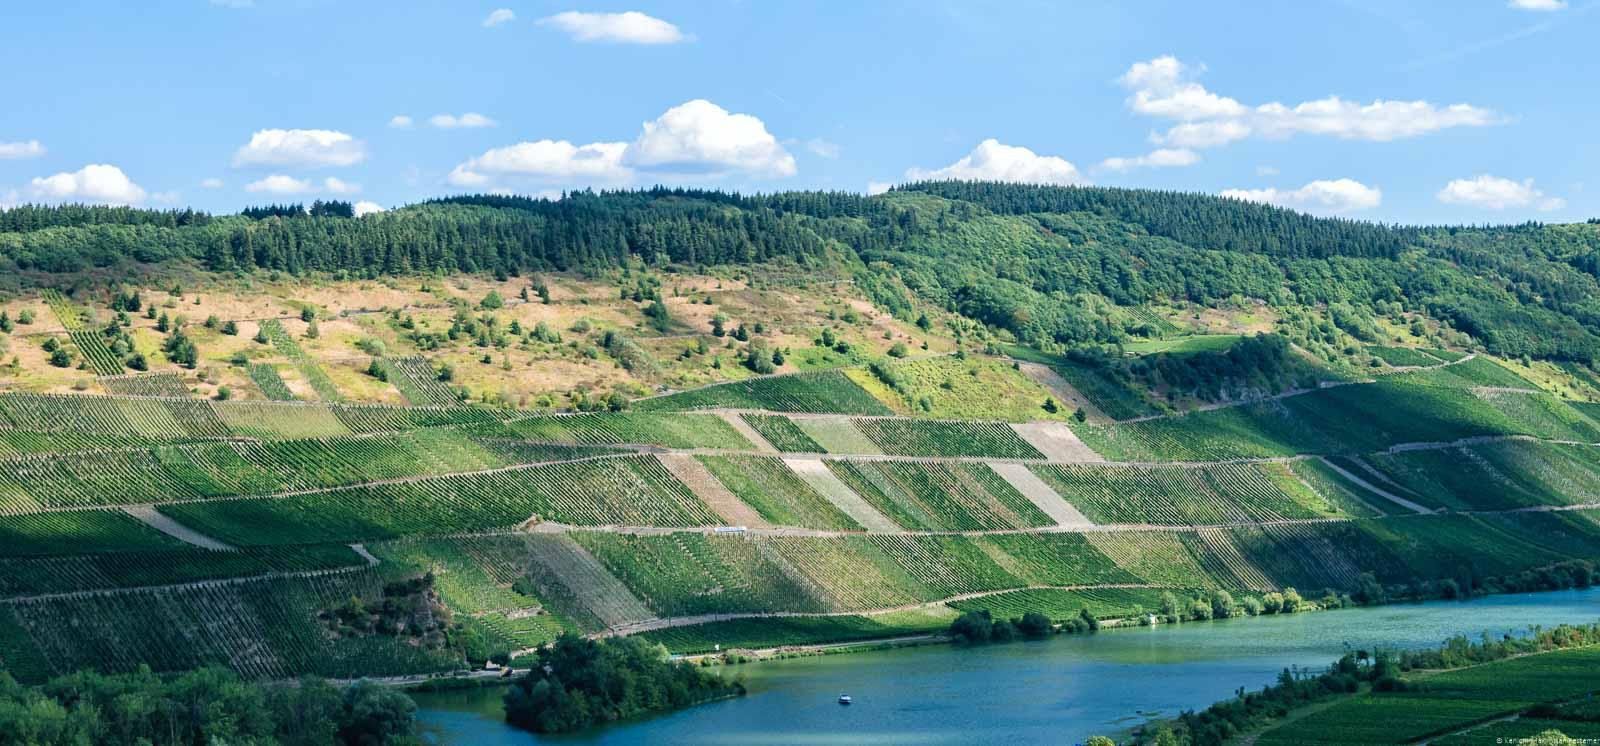 Unten im Bild fließt die Mosel. Am Ufer dahinter türmt sich der steile Weinberg Detzemer Würzgarten auf. Am oberen Ende des Weinberges ist Wald. Darüber sind man Wolken am blauen Himmel.